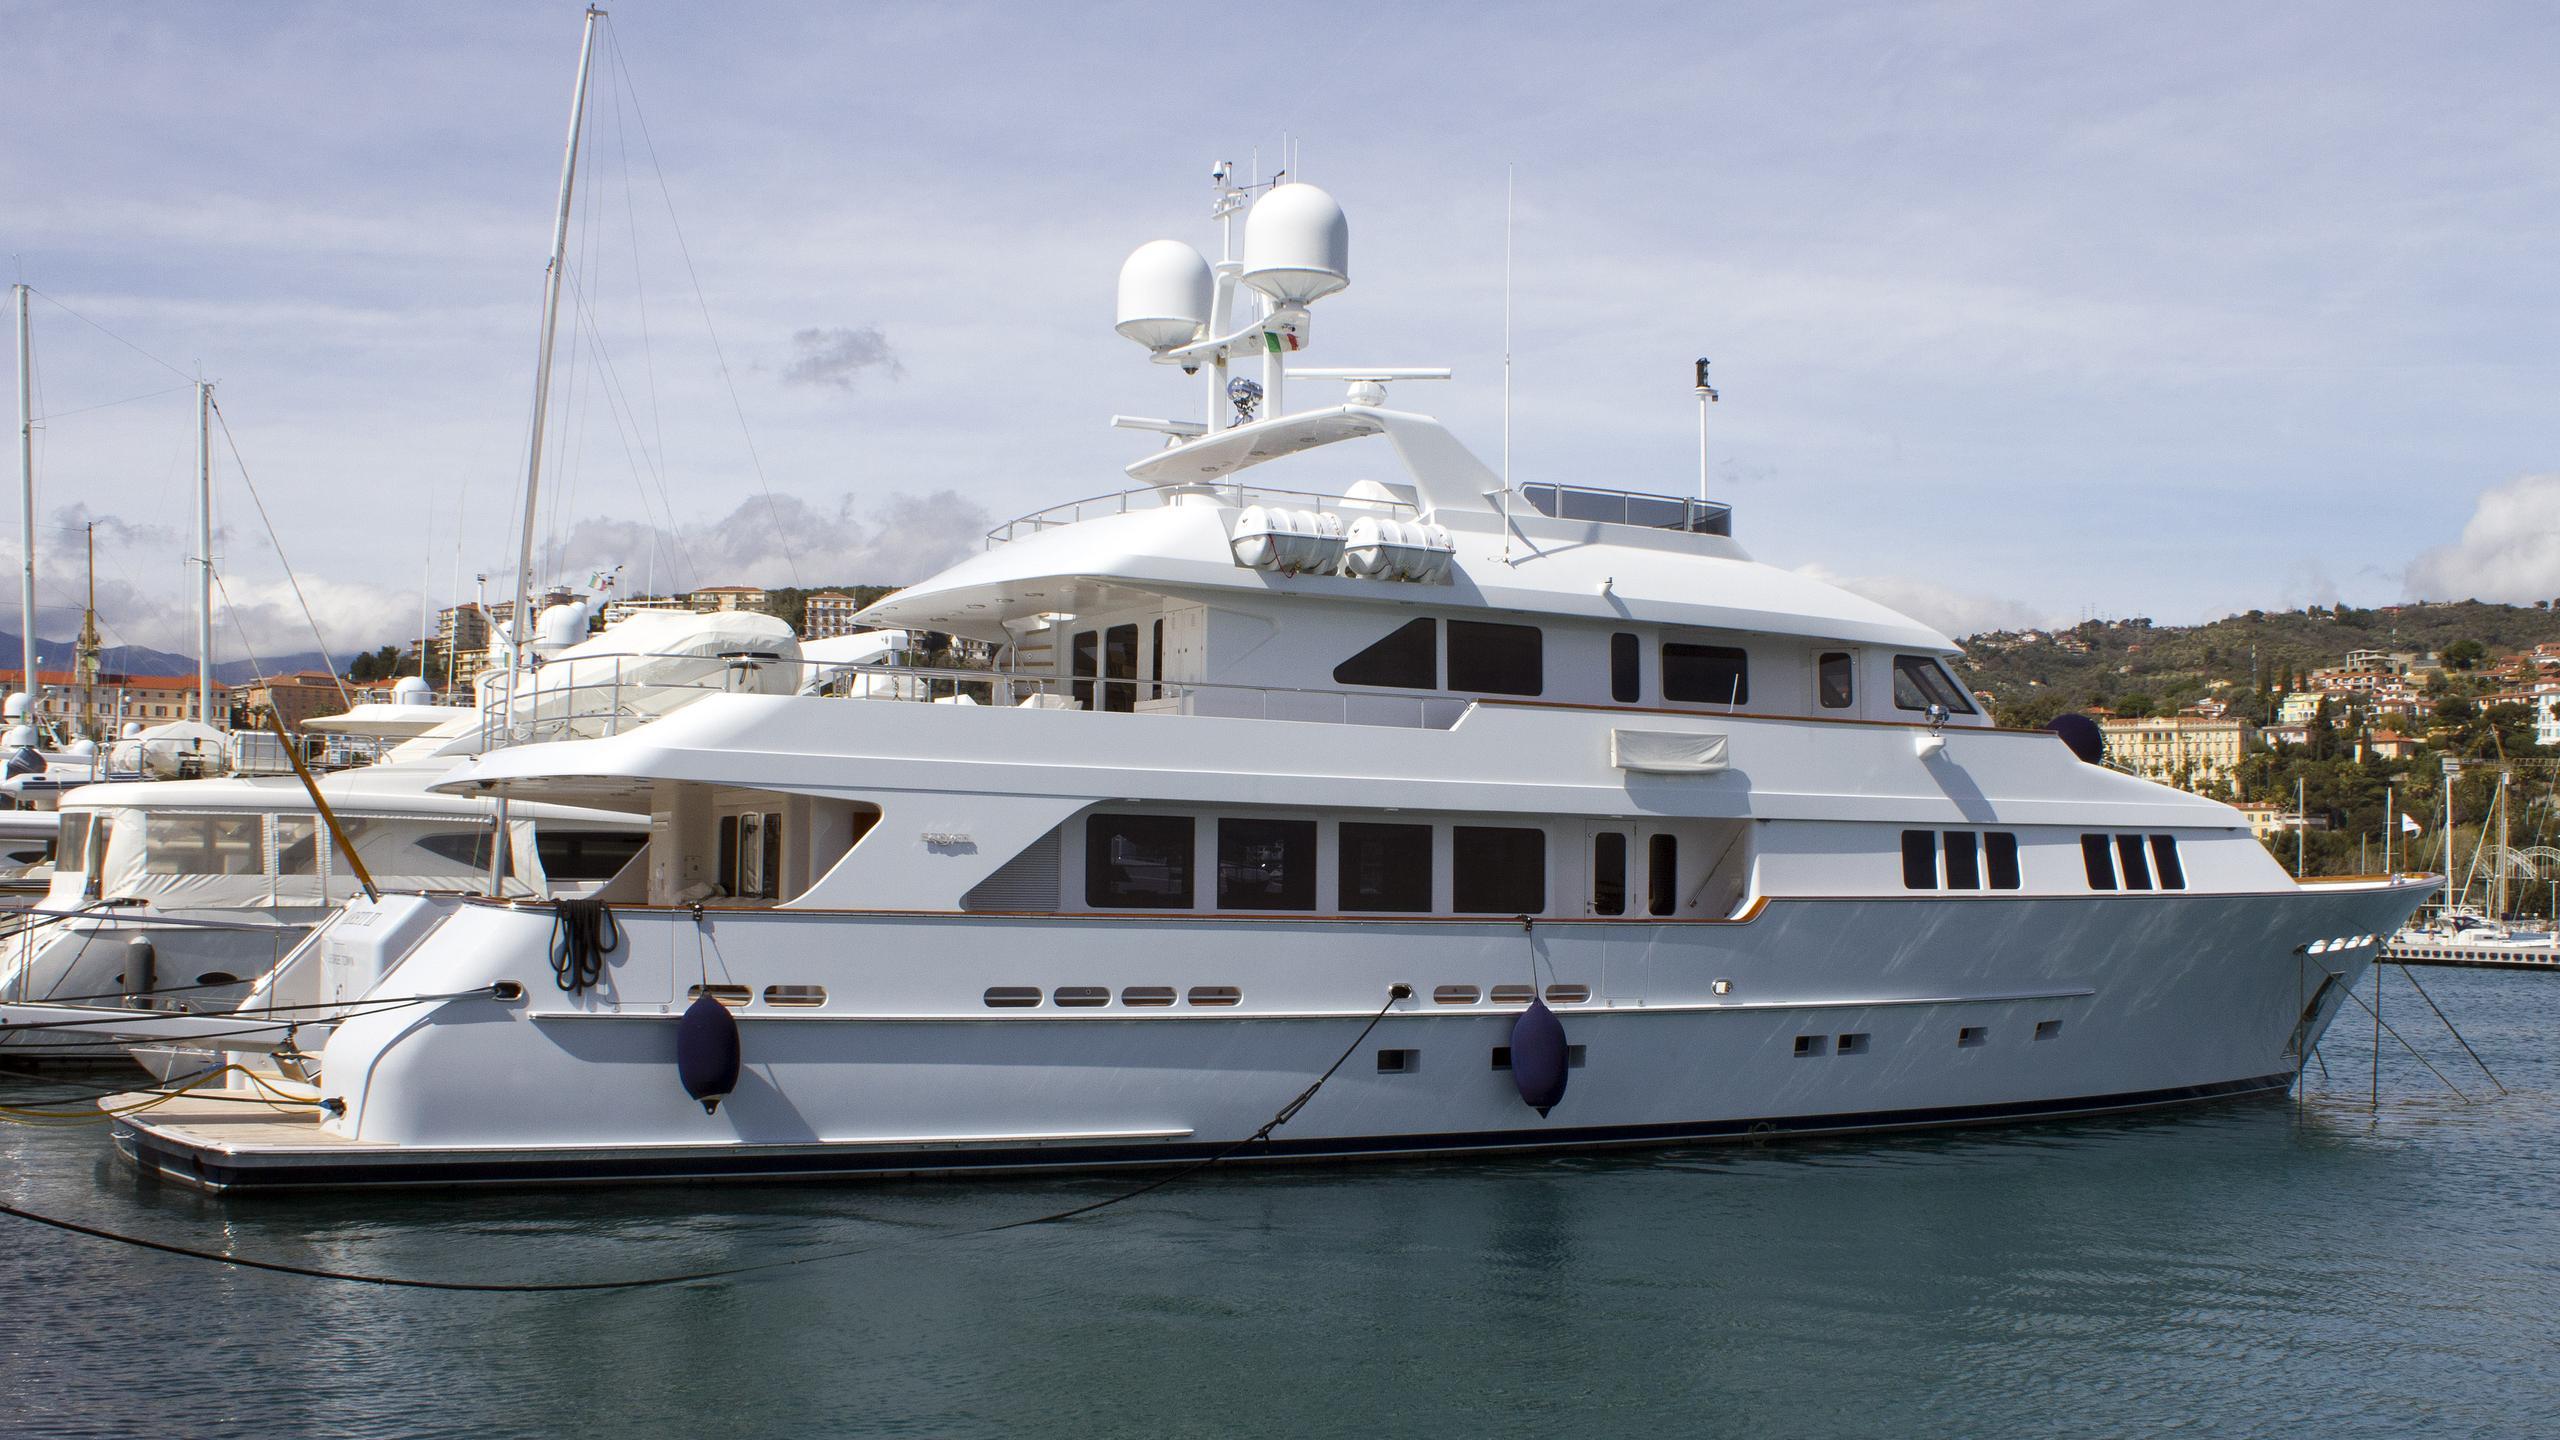 t-zero-areti-ii-motor-yacht-burger-2007-39m-moored